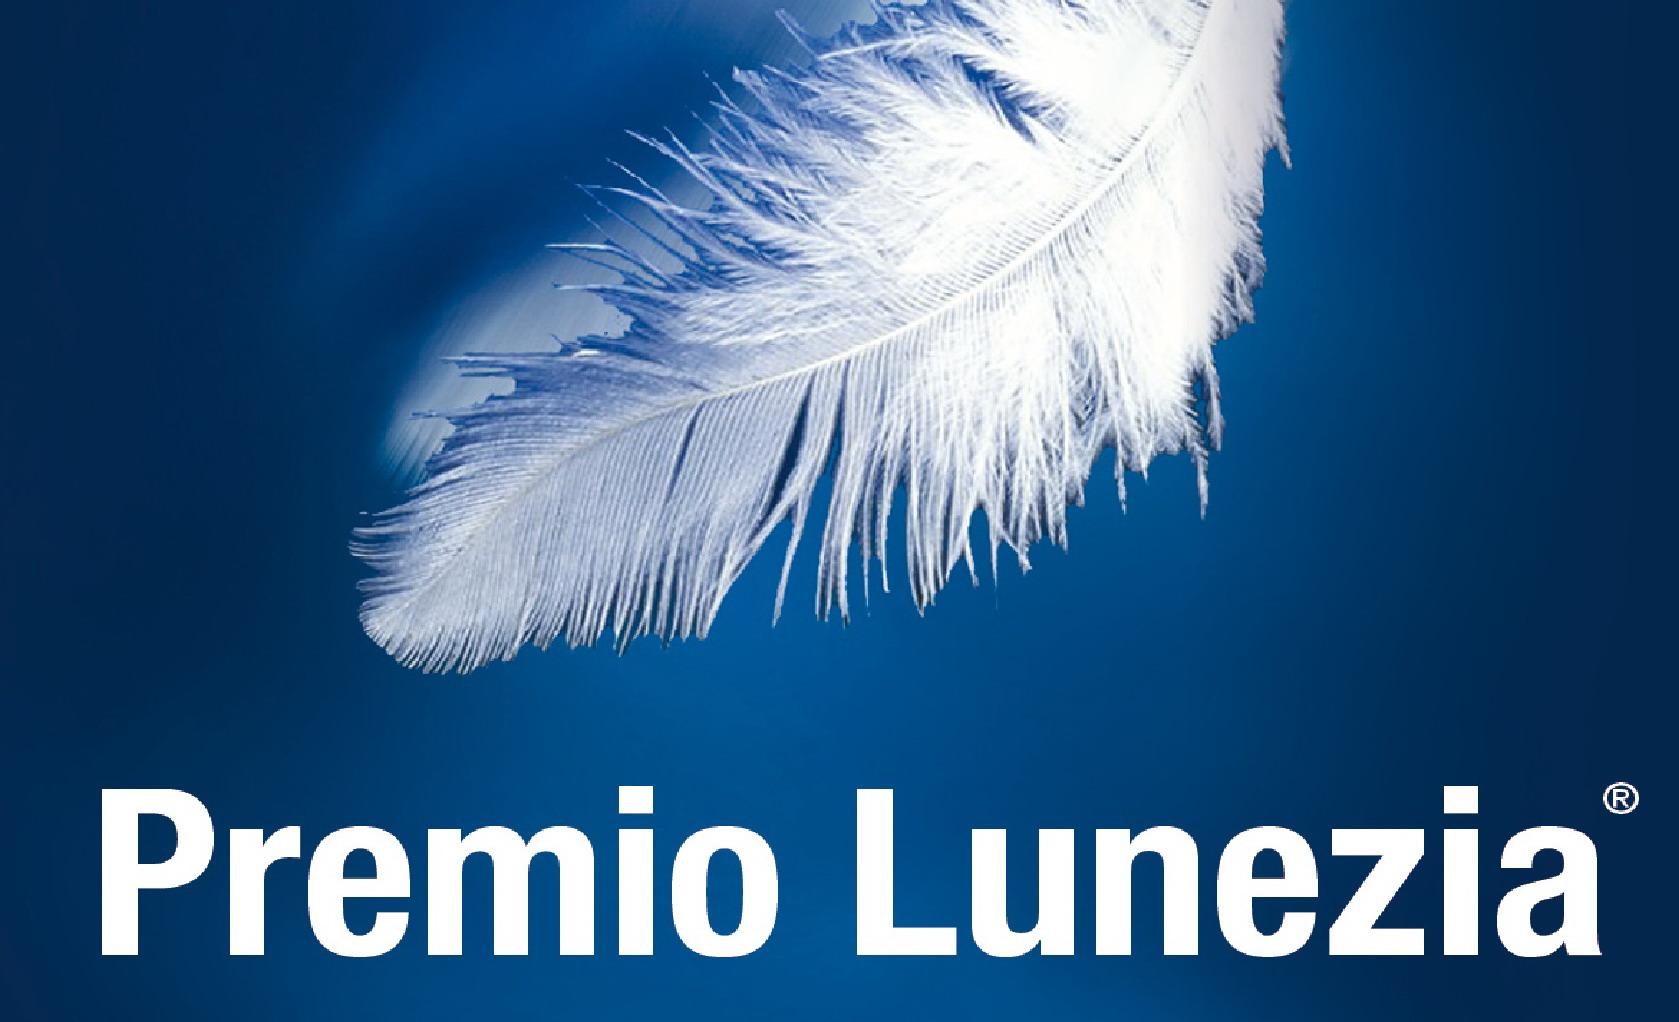 """Premio Lunezia Menzione Speciale 2015 per il valore Musical-Letterario del brano """"Fantastica"""""""